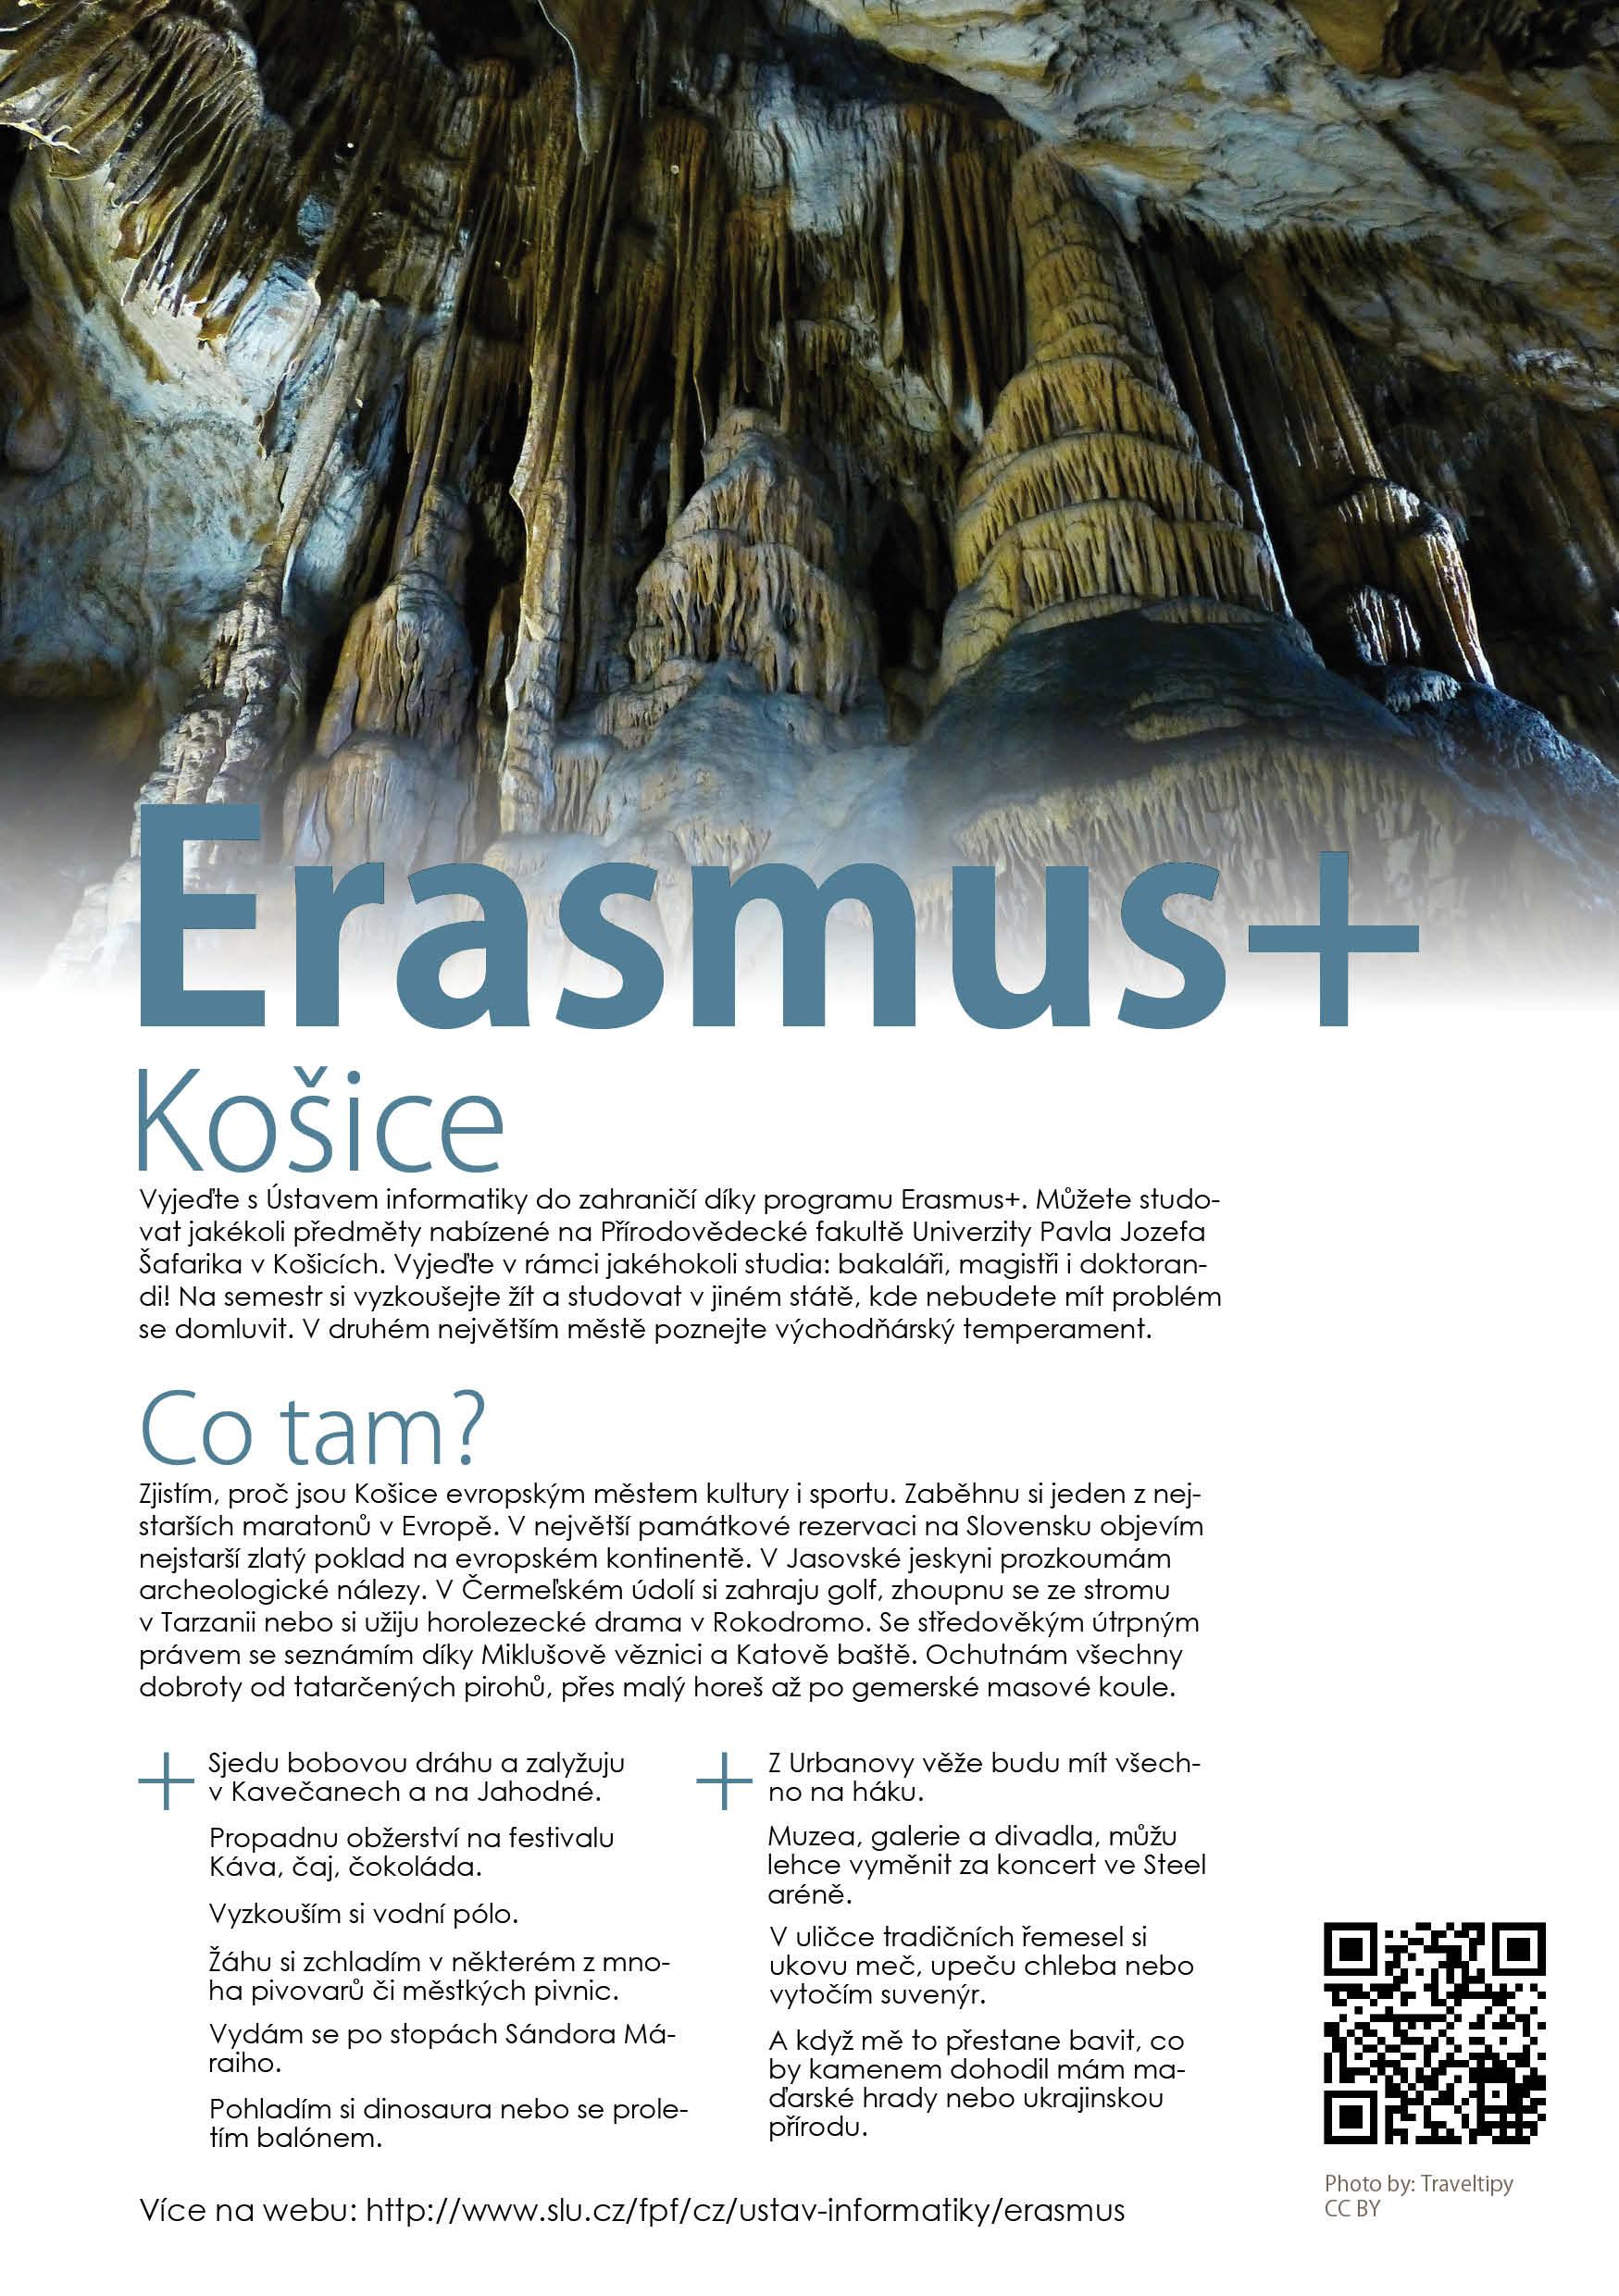 Erasmus - Košice